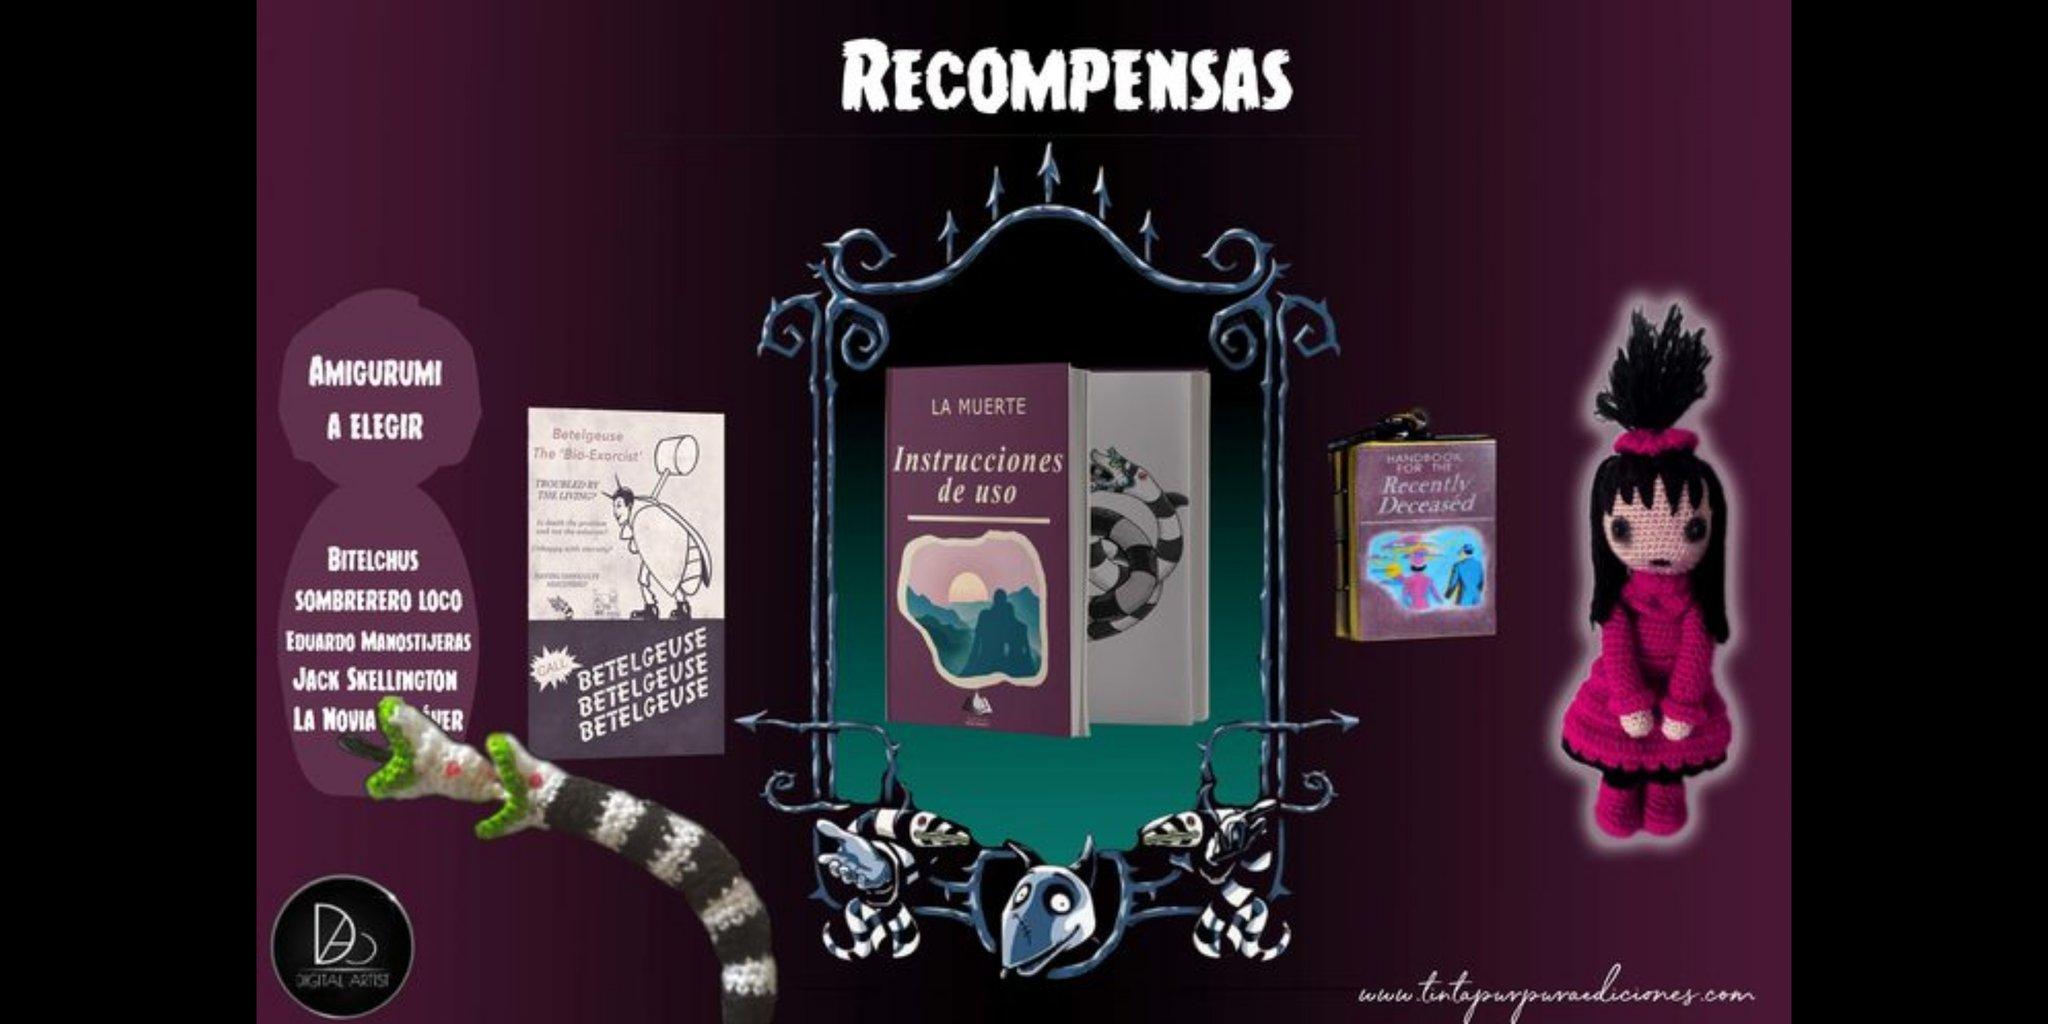 Recompensas de La muerte, instrucciones de uso. Tinta Púrpura Ediciones - Cine de Escritor